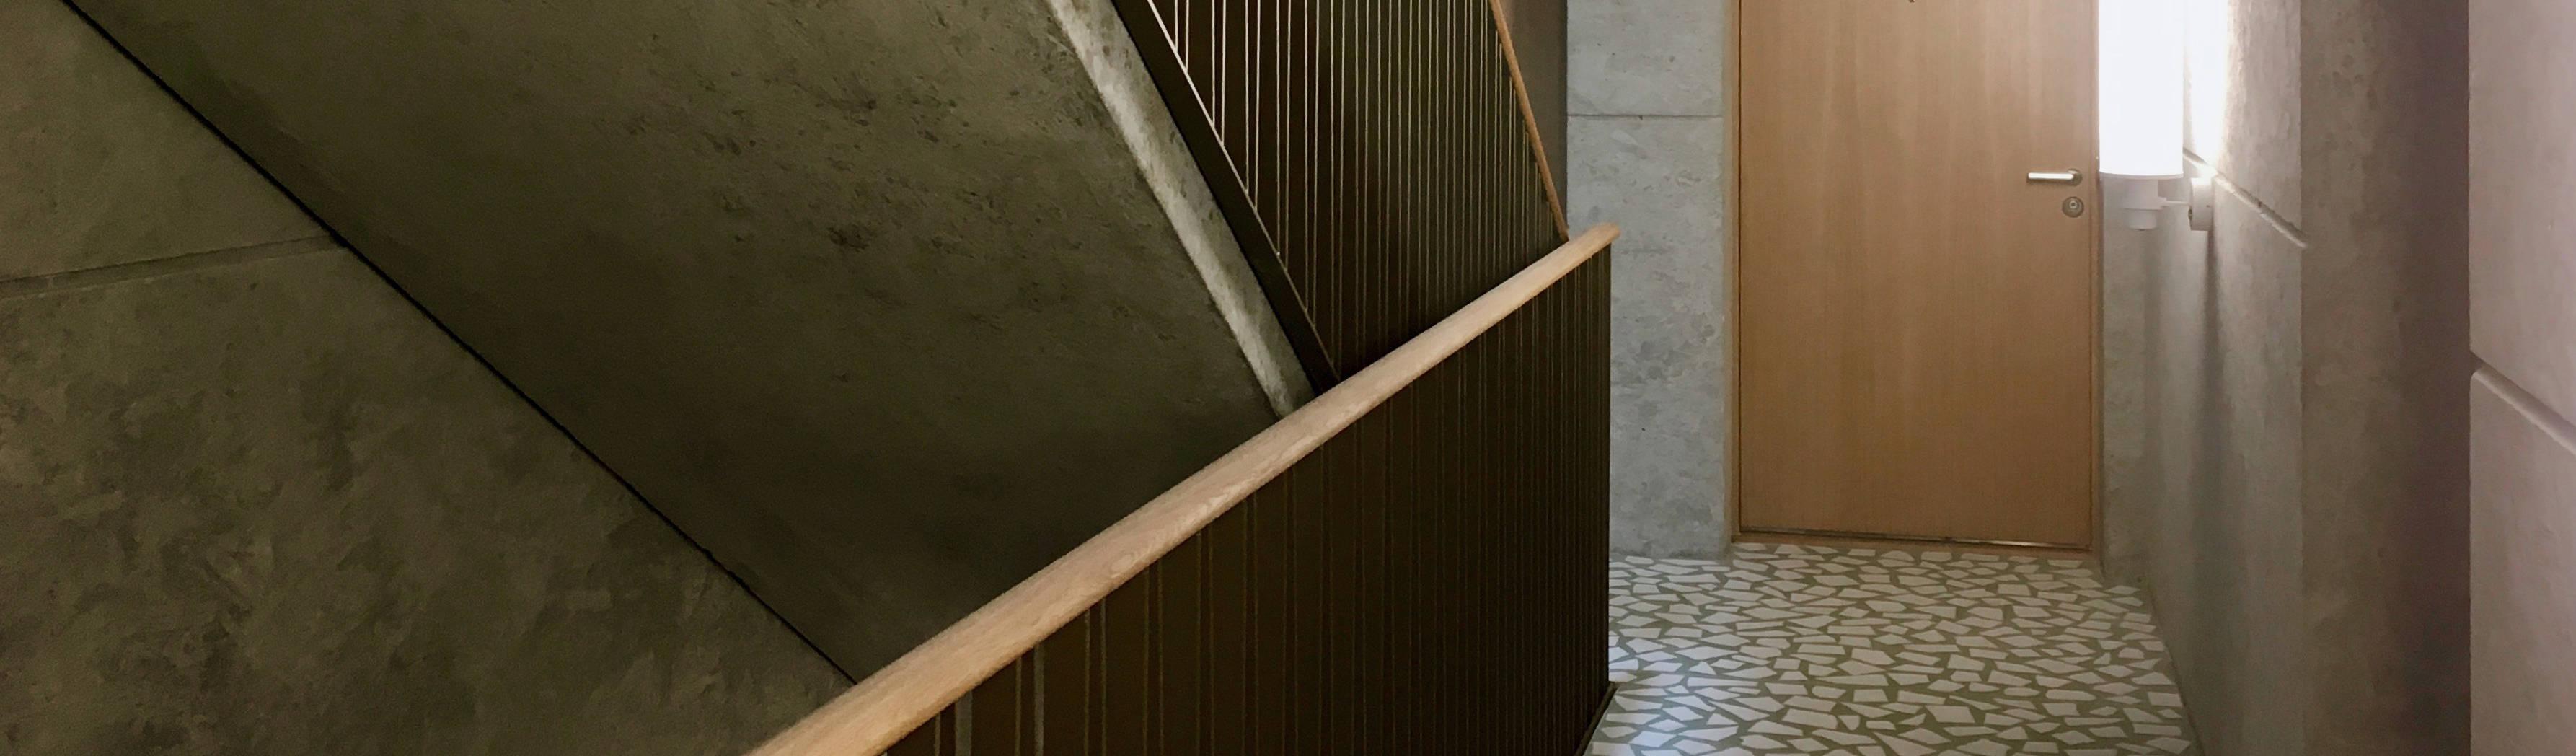 Juho Nyberg Architektur GmbH